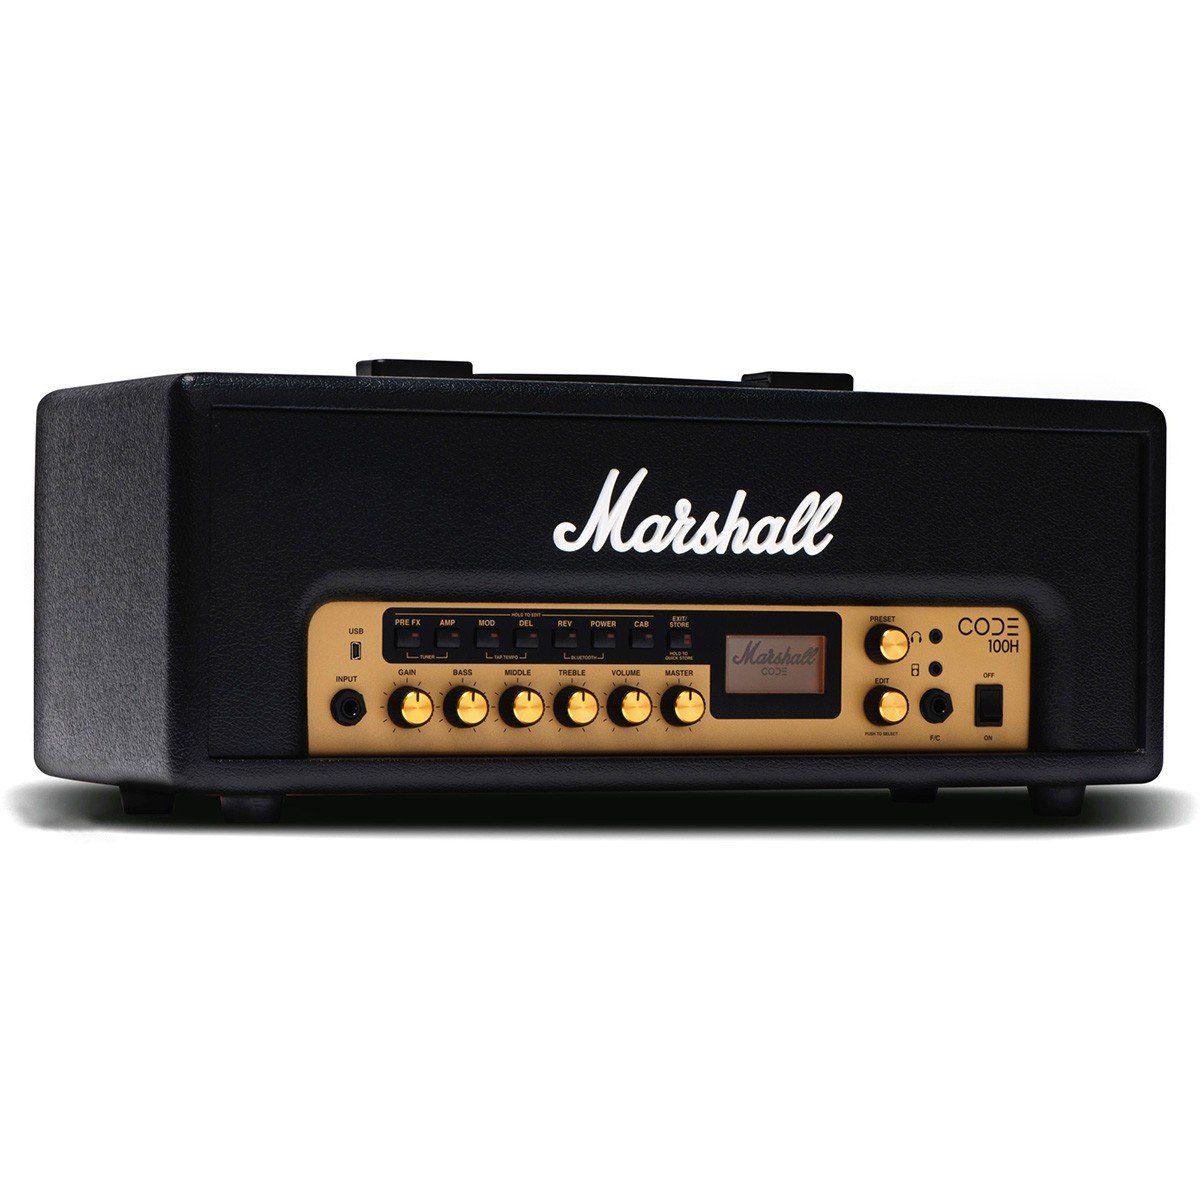 Amplificador Cabeçote para Guitarra Marshall - CODE100H